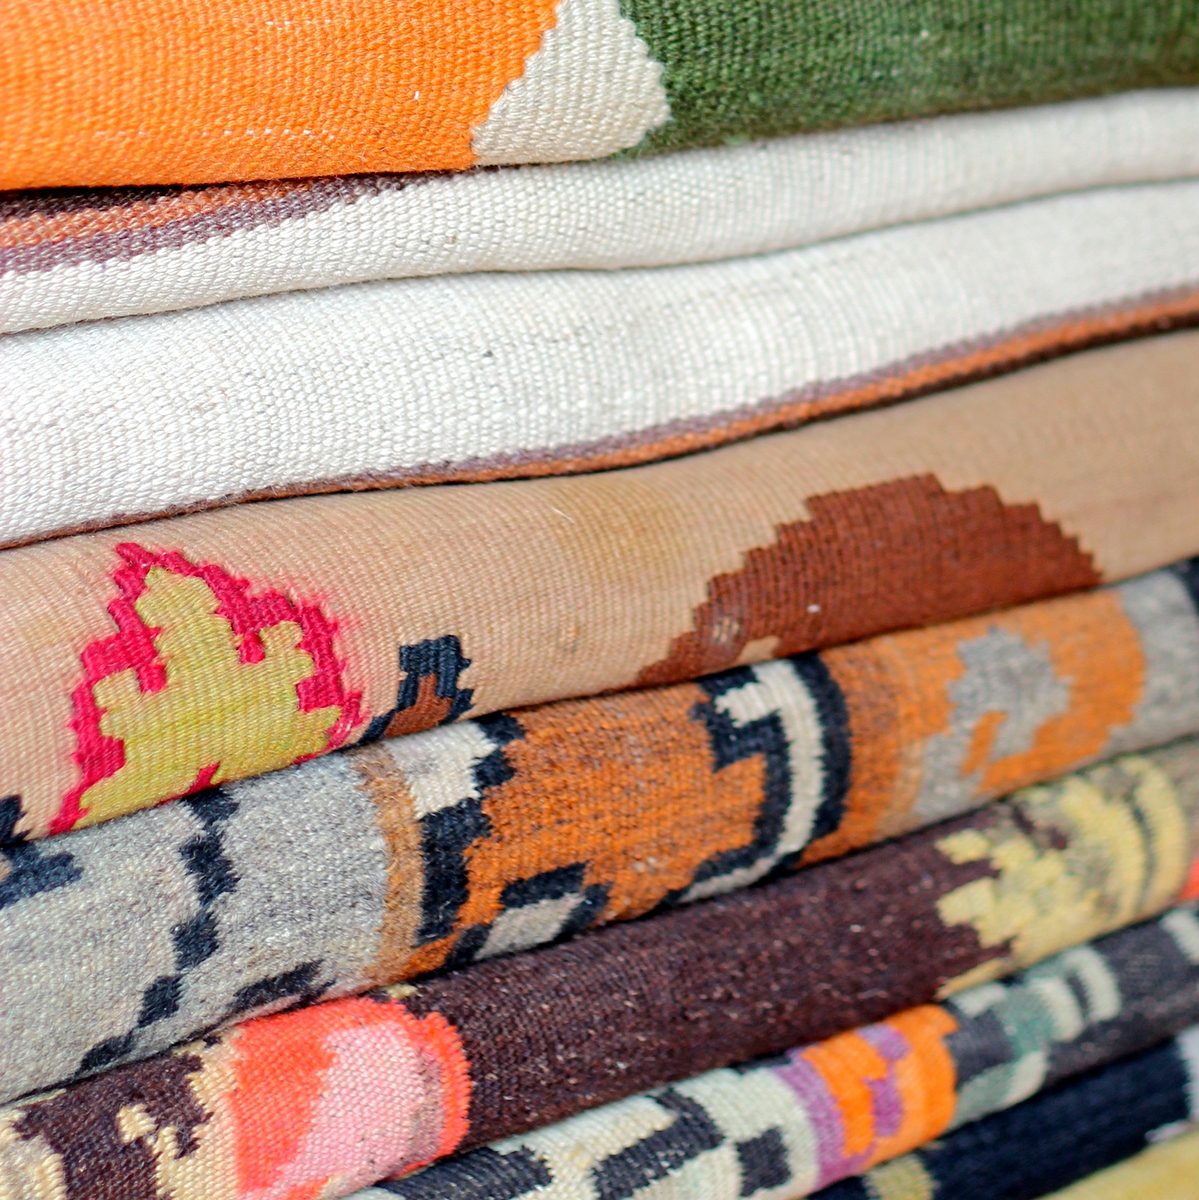 """שטיחי קילים מכל הסוגים ומארצות שונות, בטווח מחירים היסטרי החל מ-400 ש""""ח ועד 10,000 ש""""ח (לטענת המוכר)"""